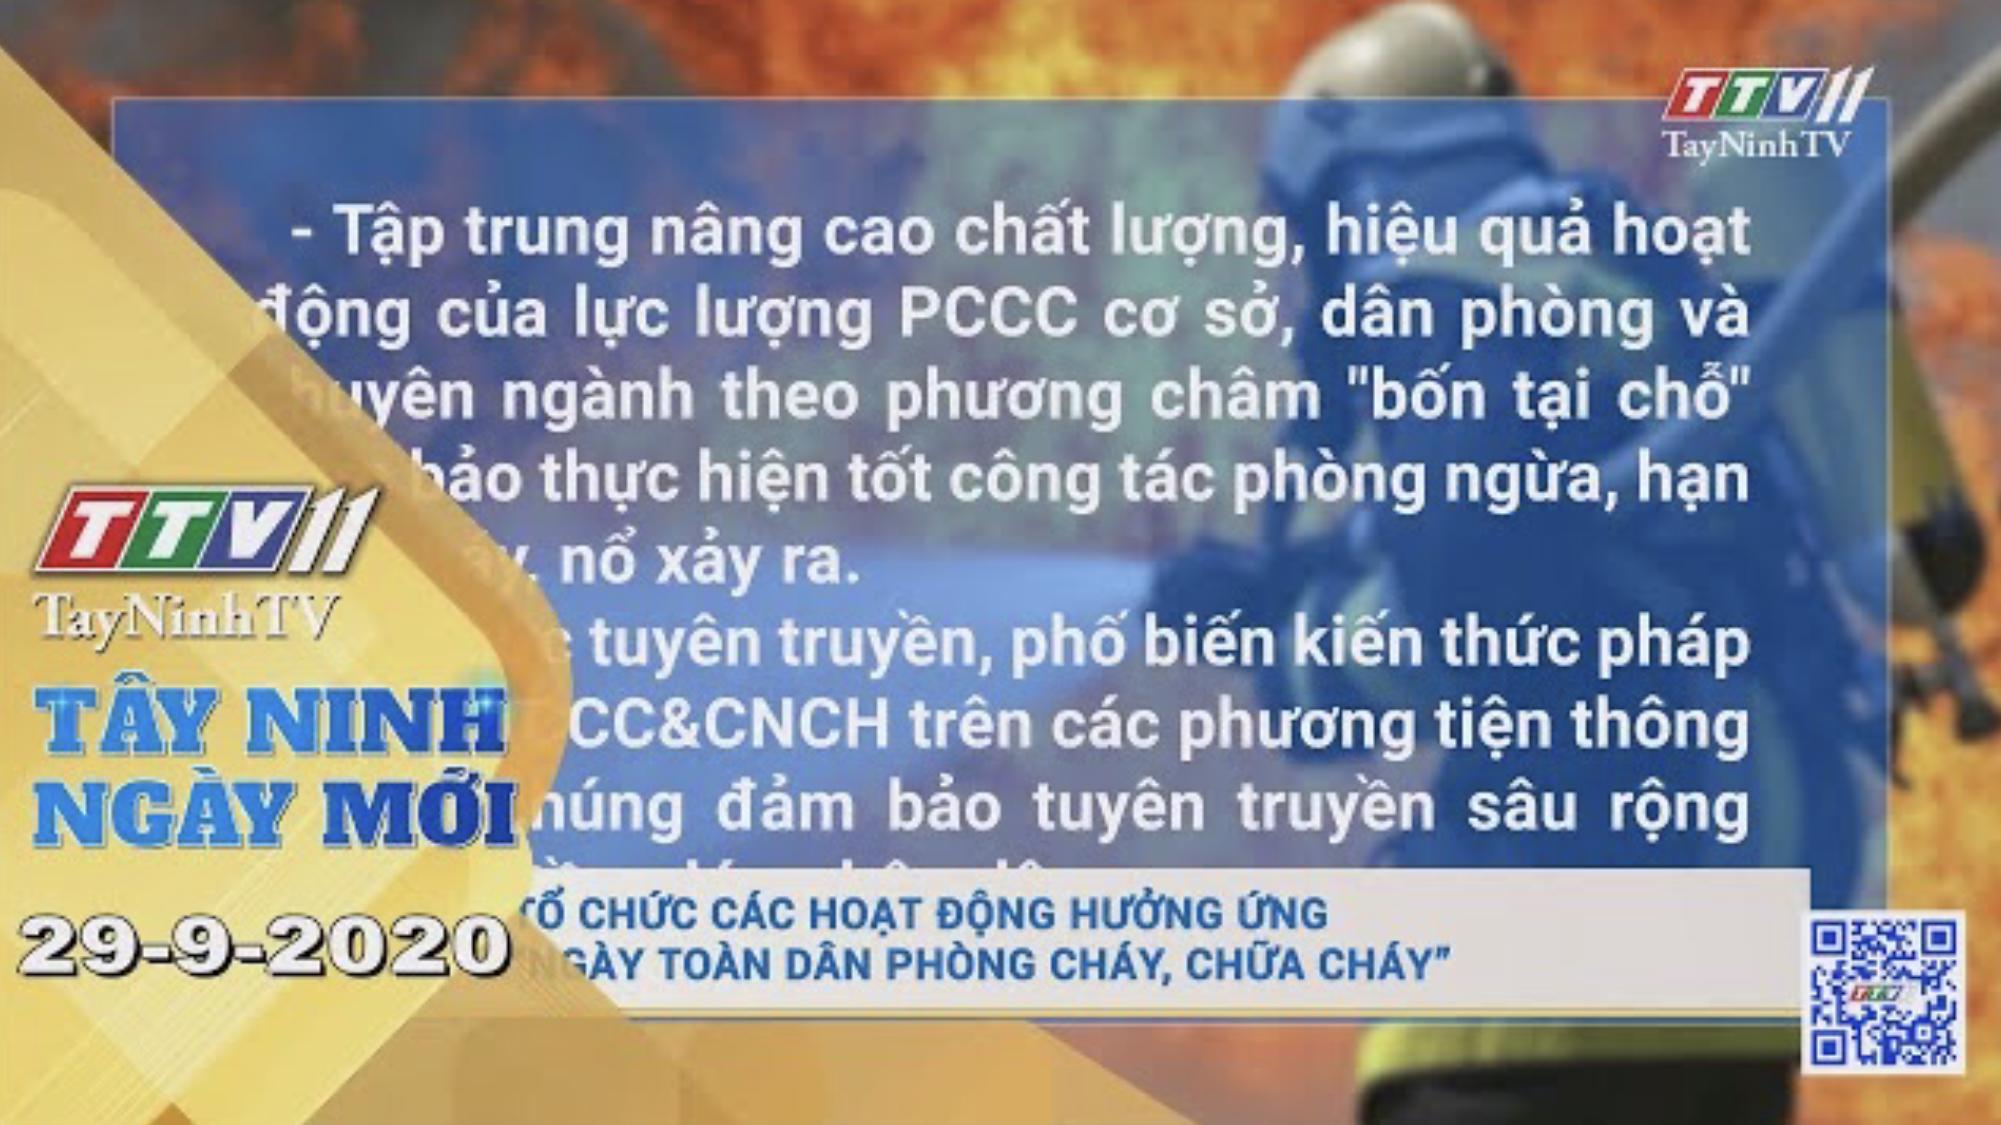 Tây Ninh Ngày Mới 29-9-2020 | Tin tức hôm nay | TayNinhTV